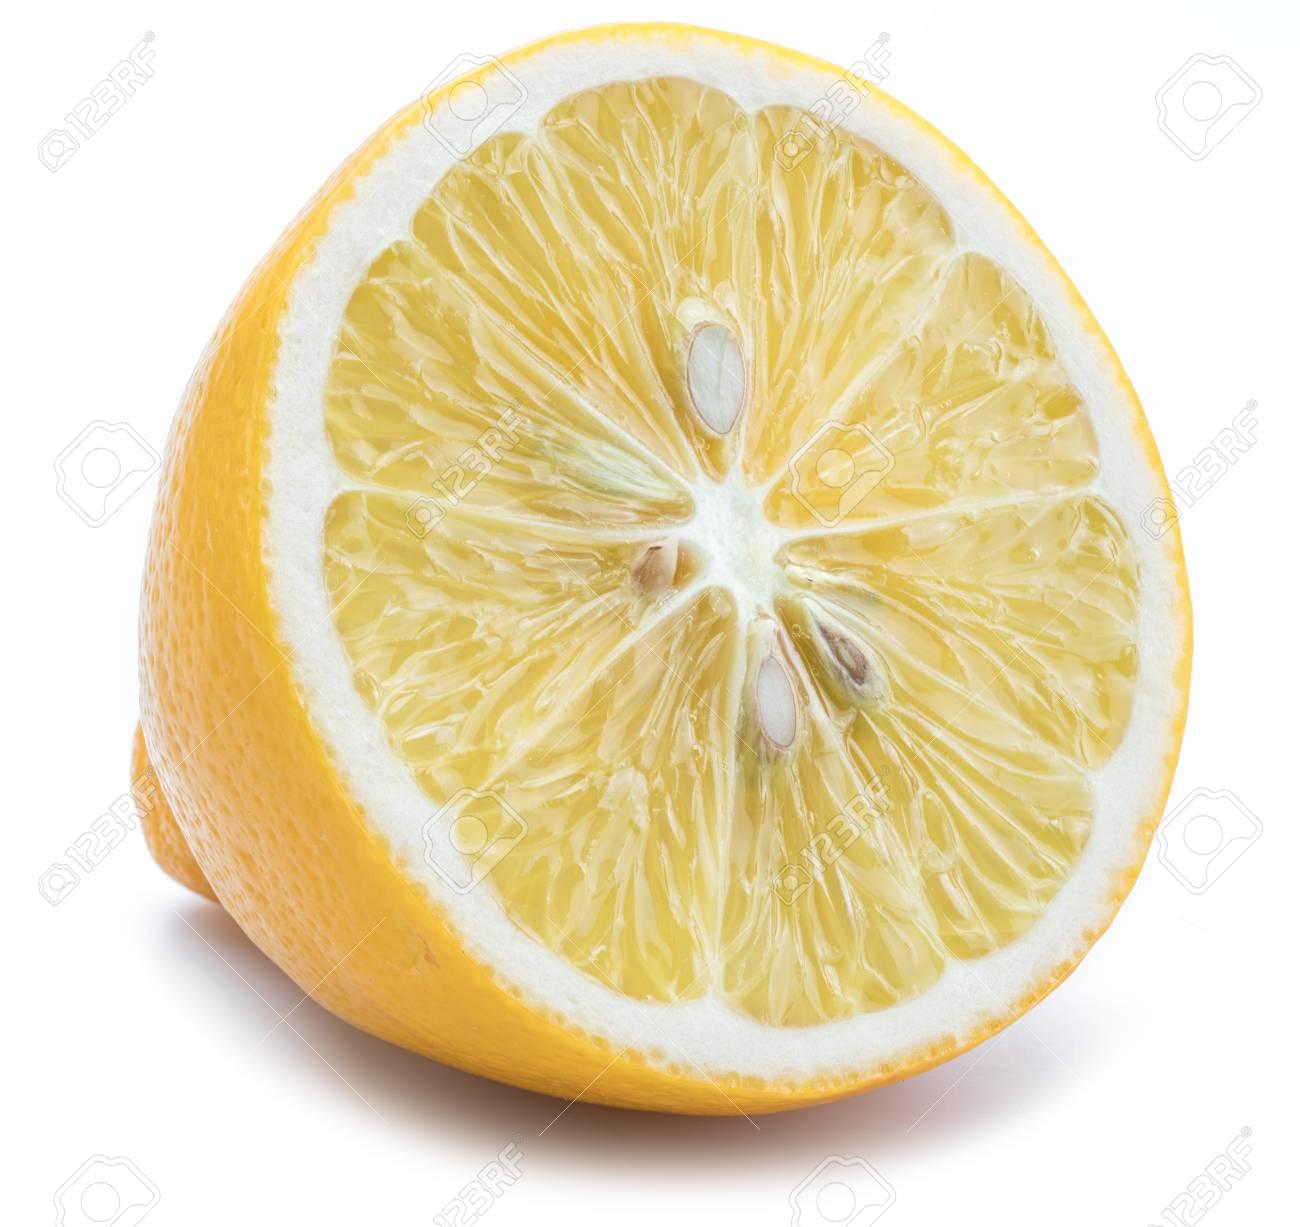 half a lemon or lemon slice on white background